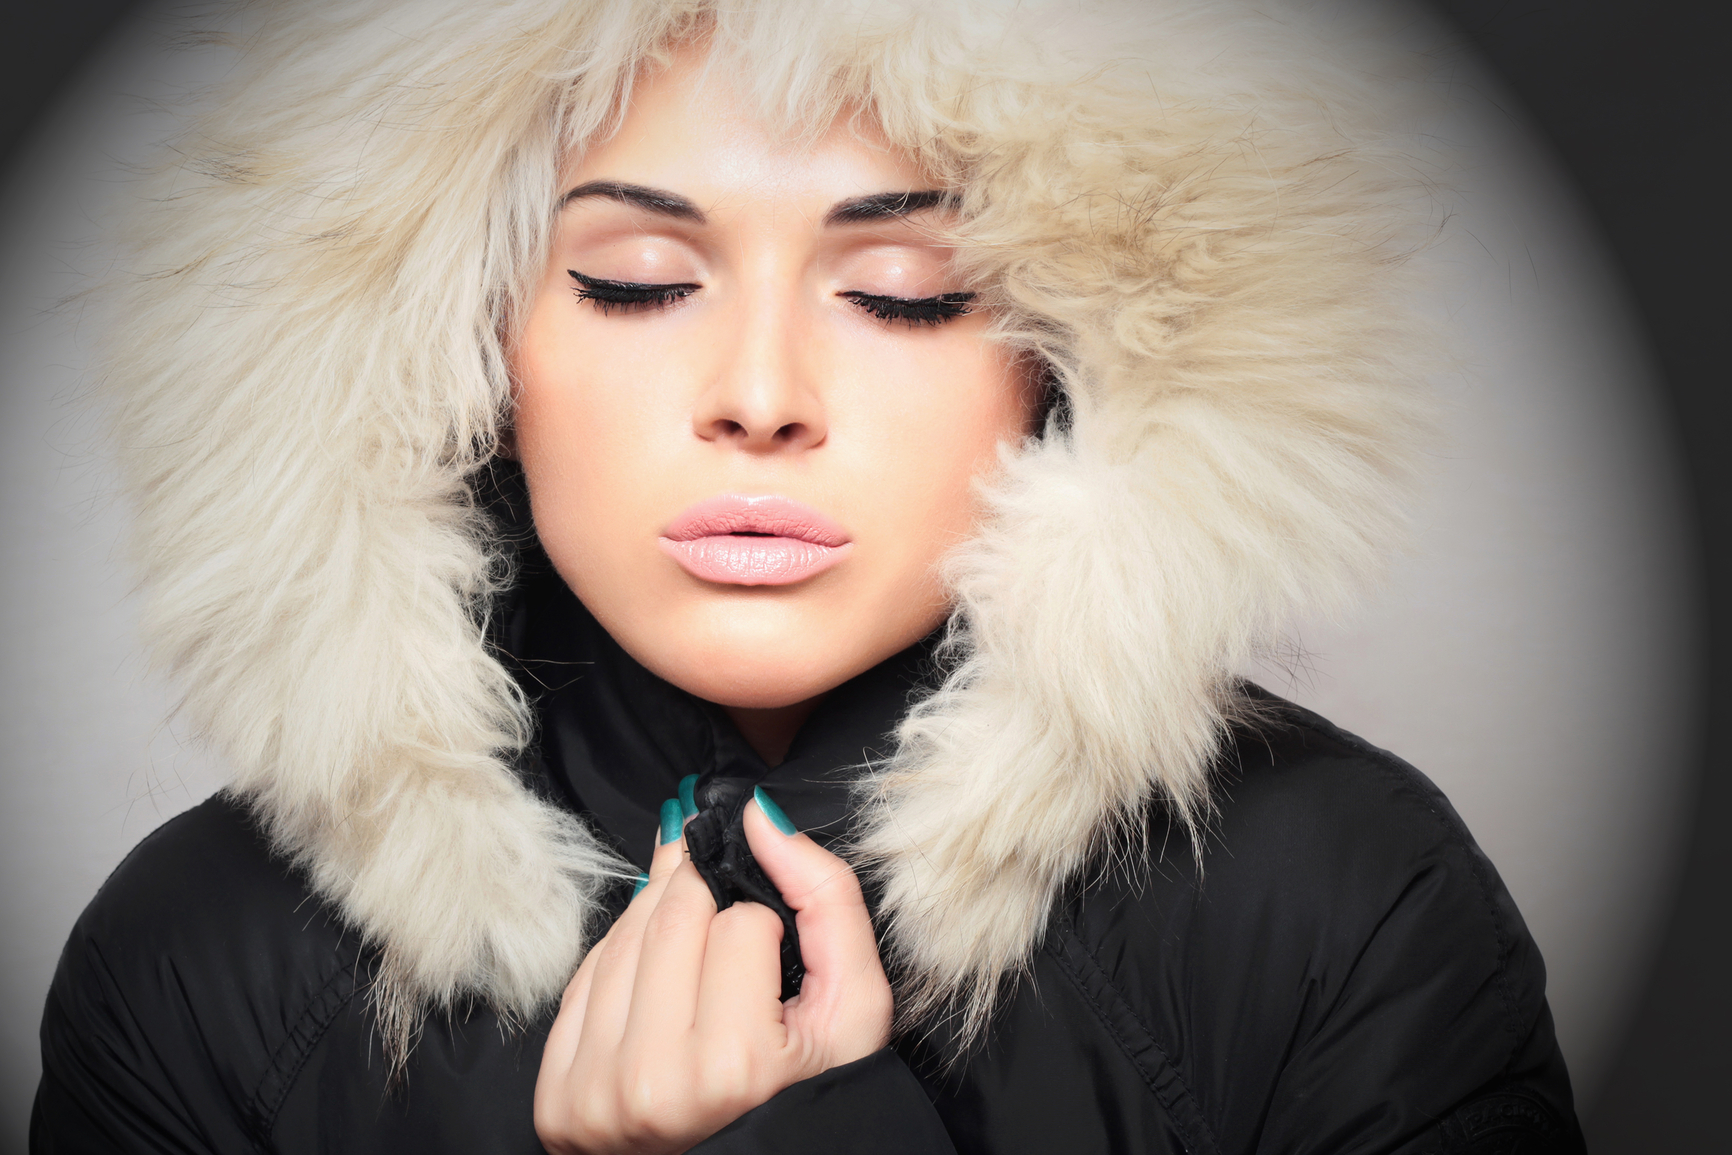 Трещины и сухая кожа на губах – признак того, что ты не пользуешься бальзамом